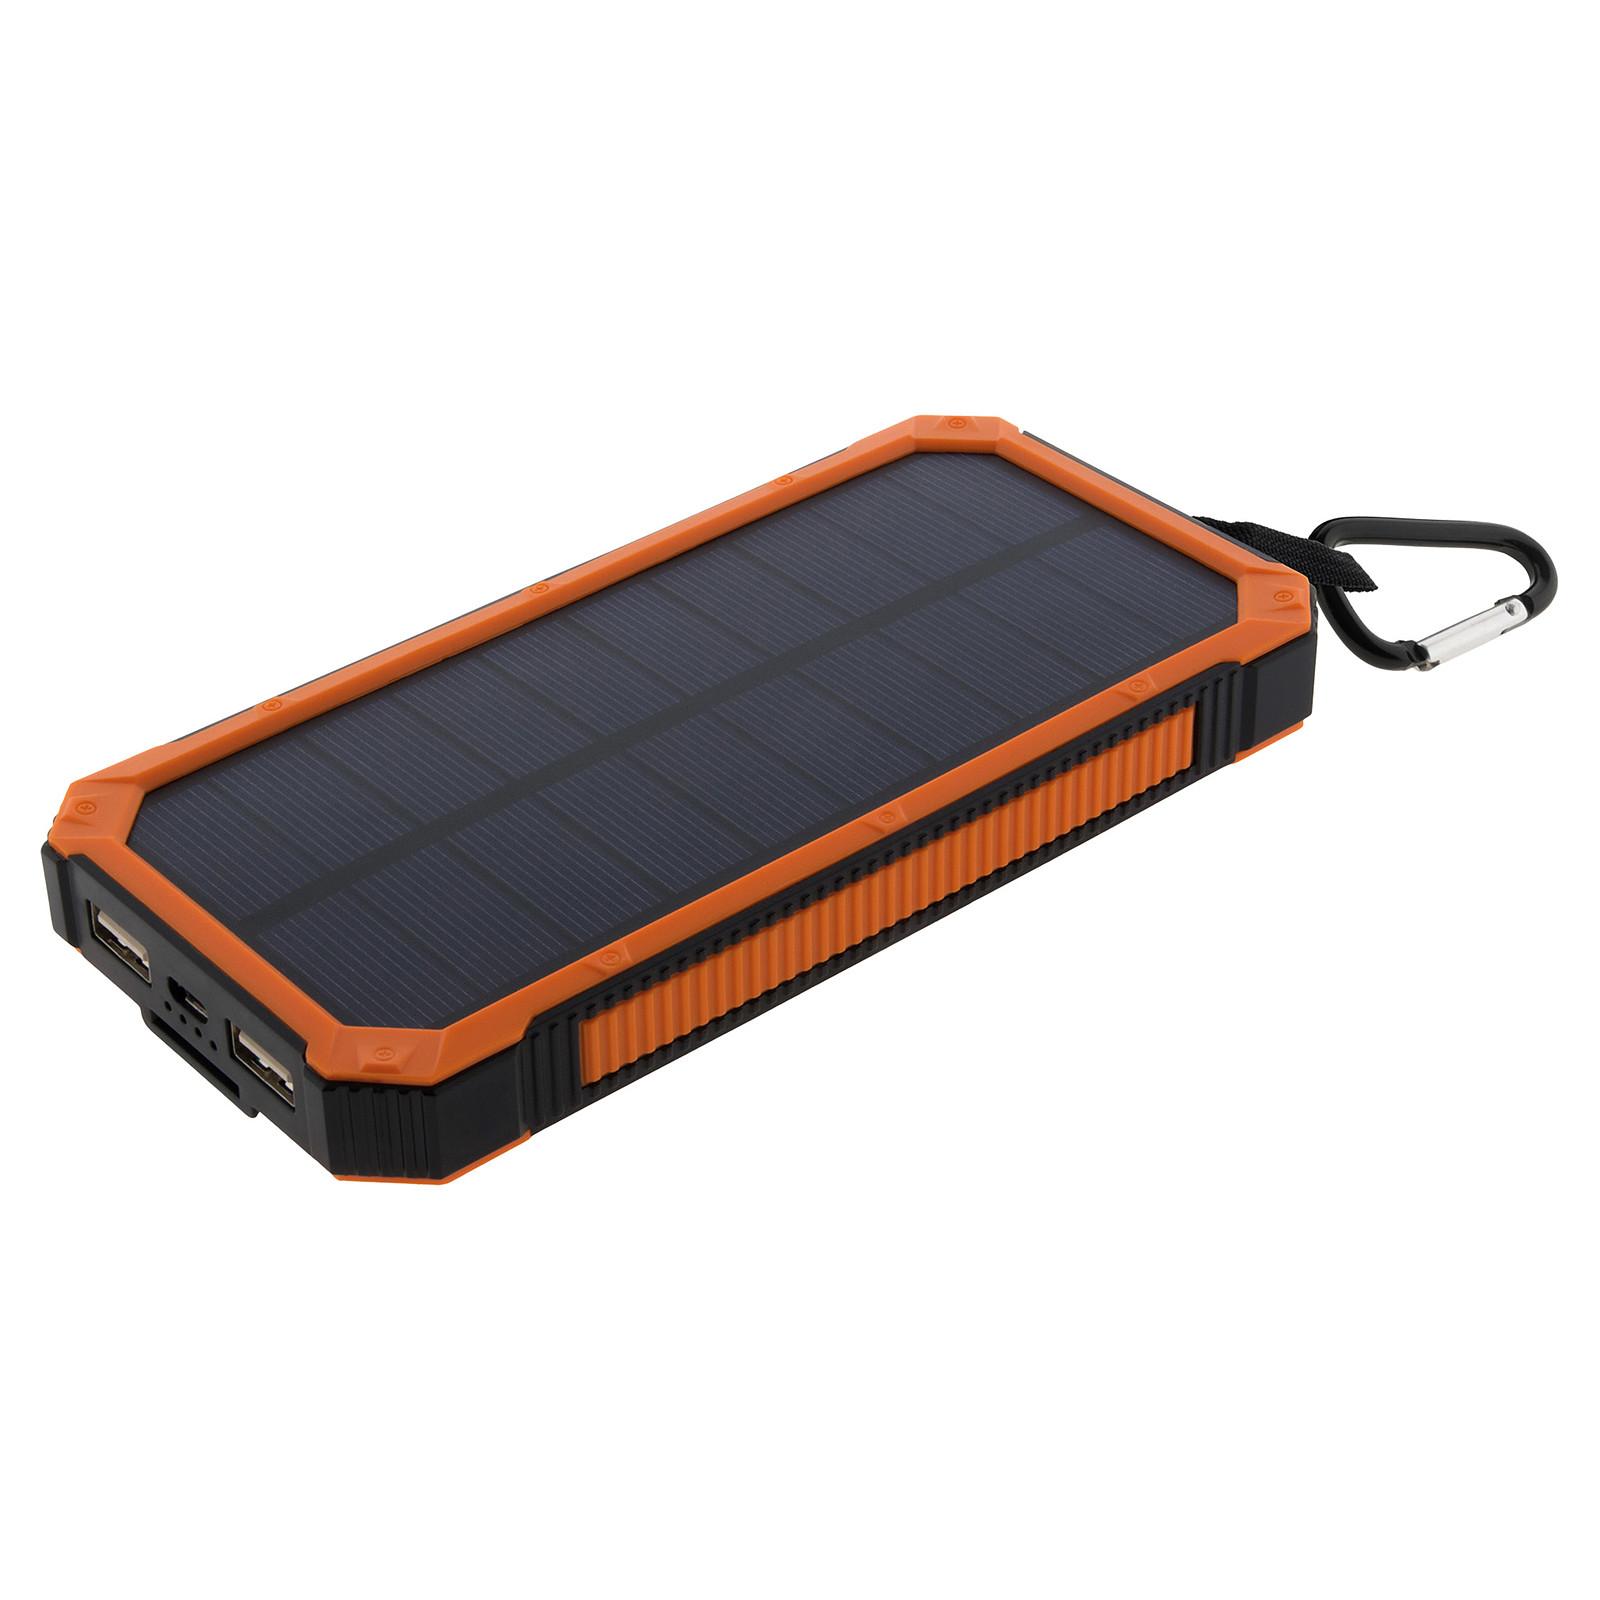 Zenitech 199908 Chargeur Powerbank de secours solaire 10 000 mAh